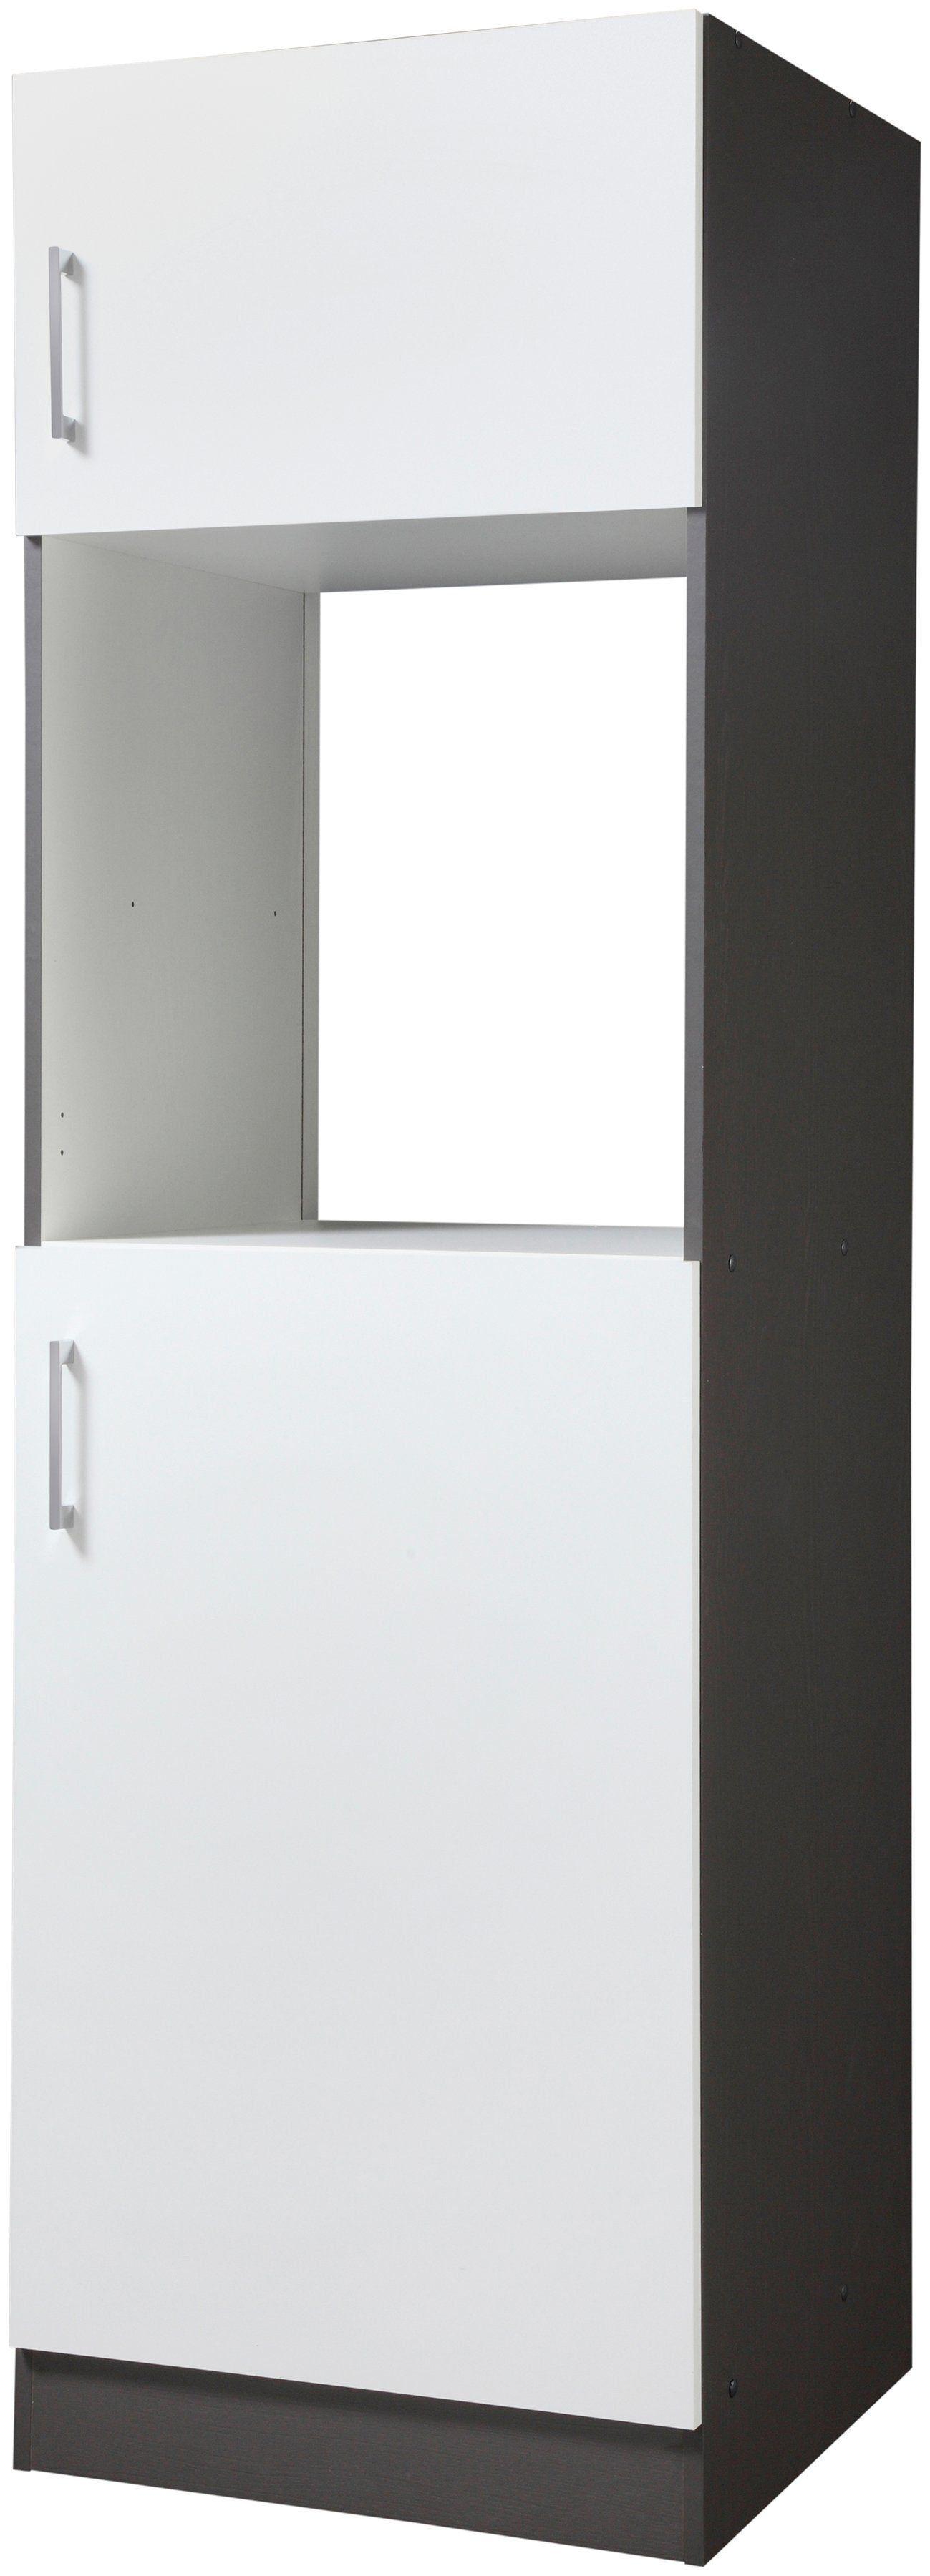 HELD MÖBEL Backofen/Kühlumbauschrank »Paris« Breite 60 cm, weiß/ graphit